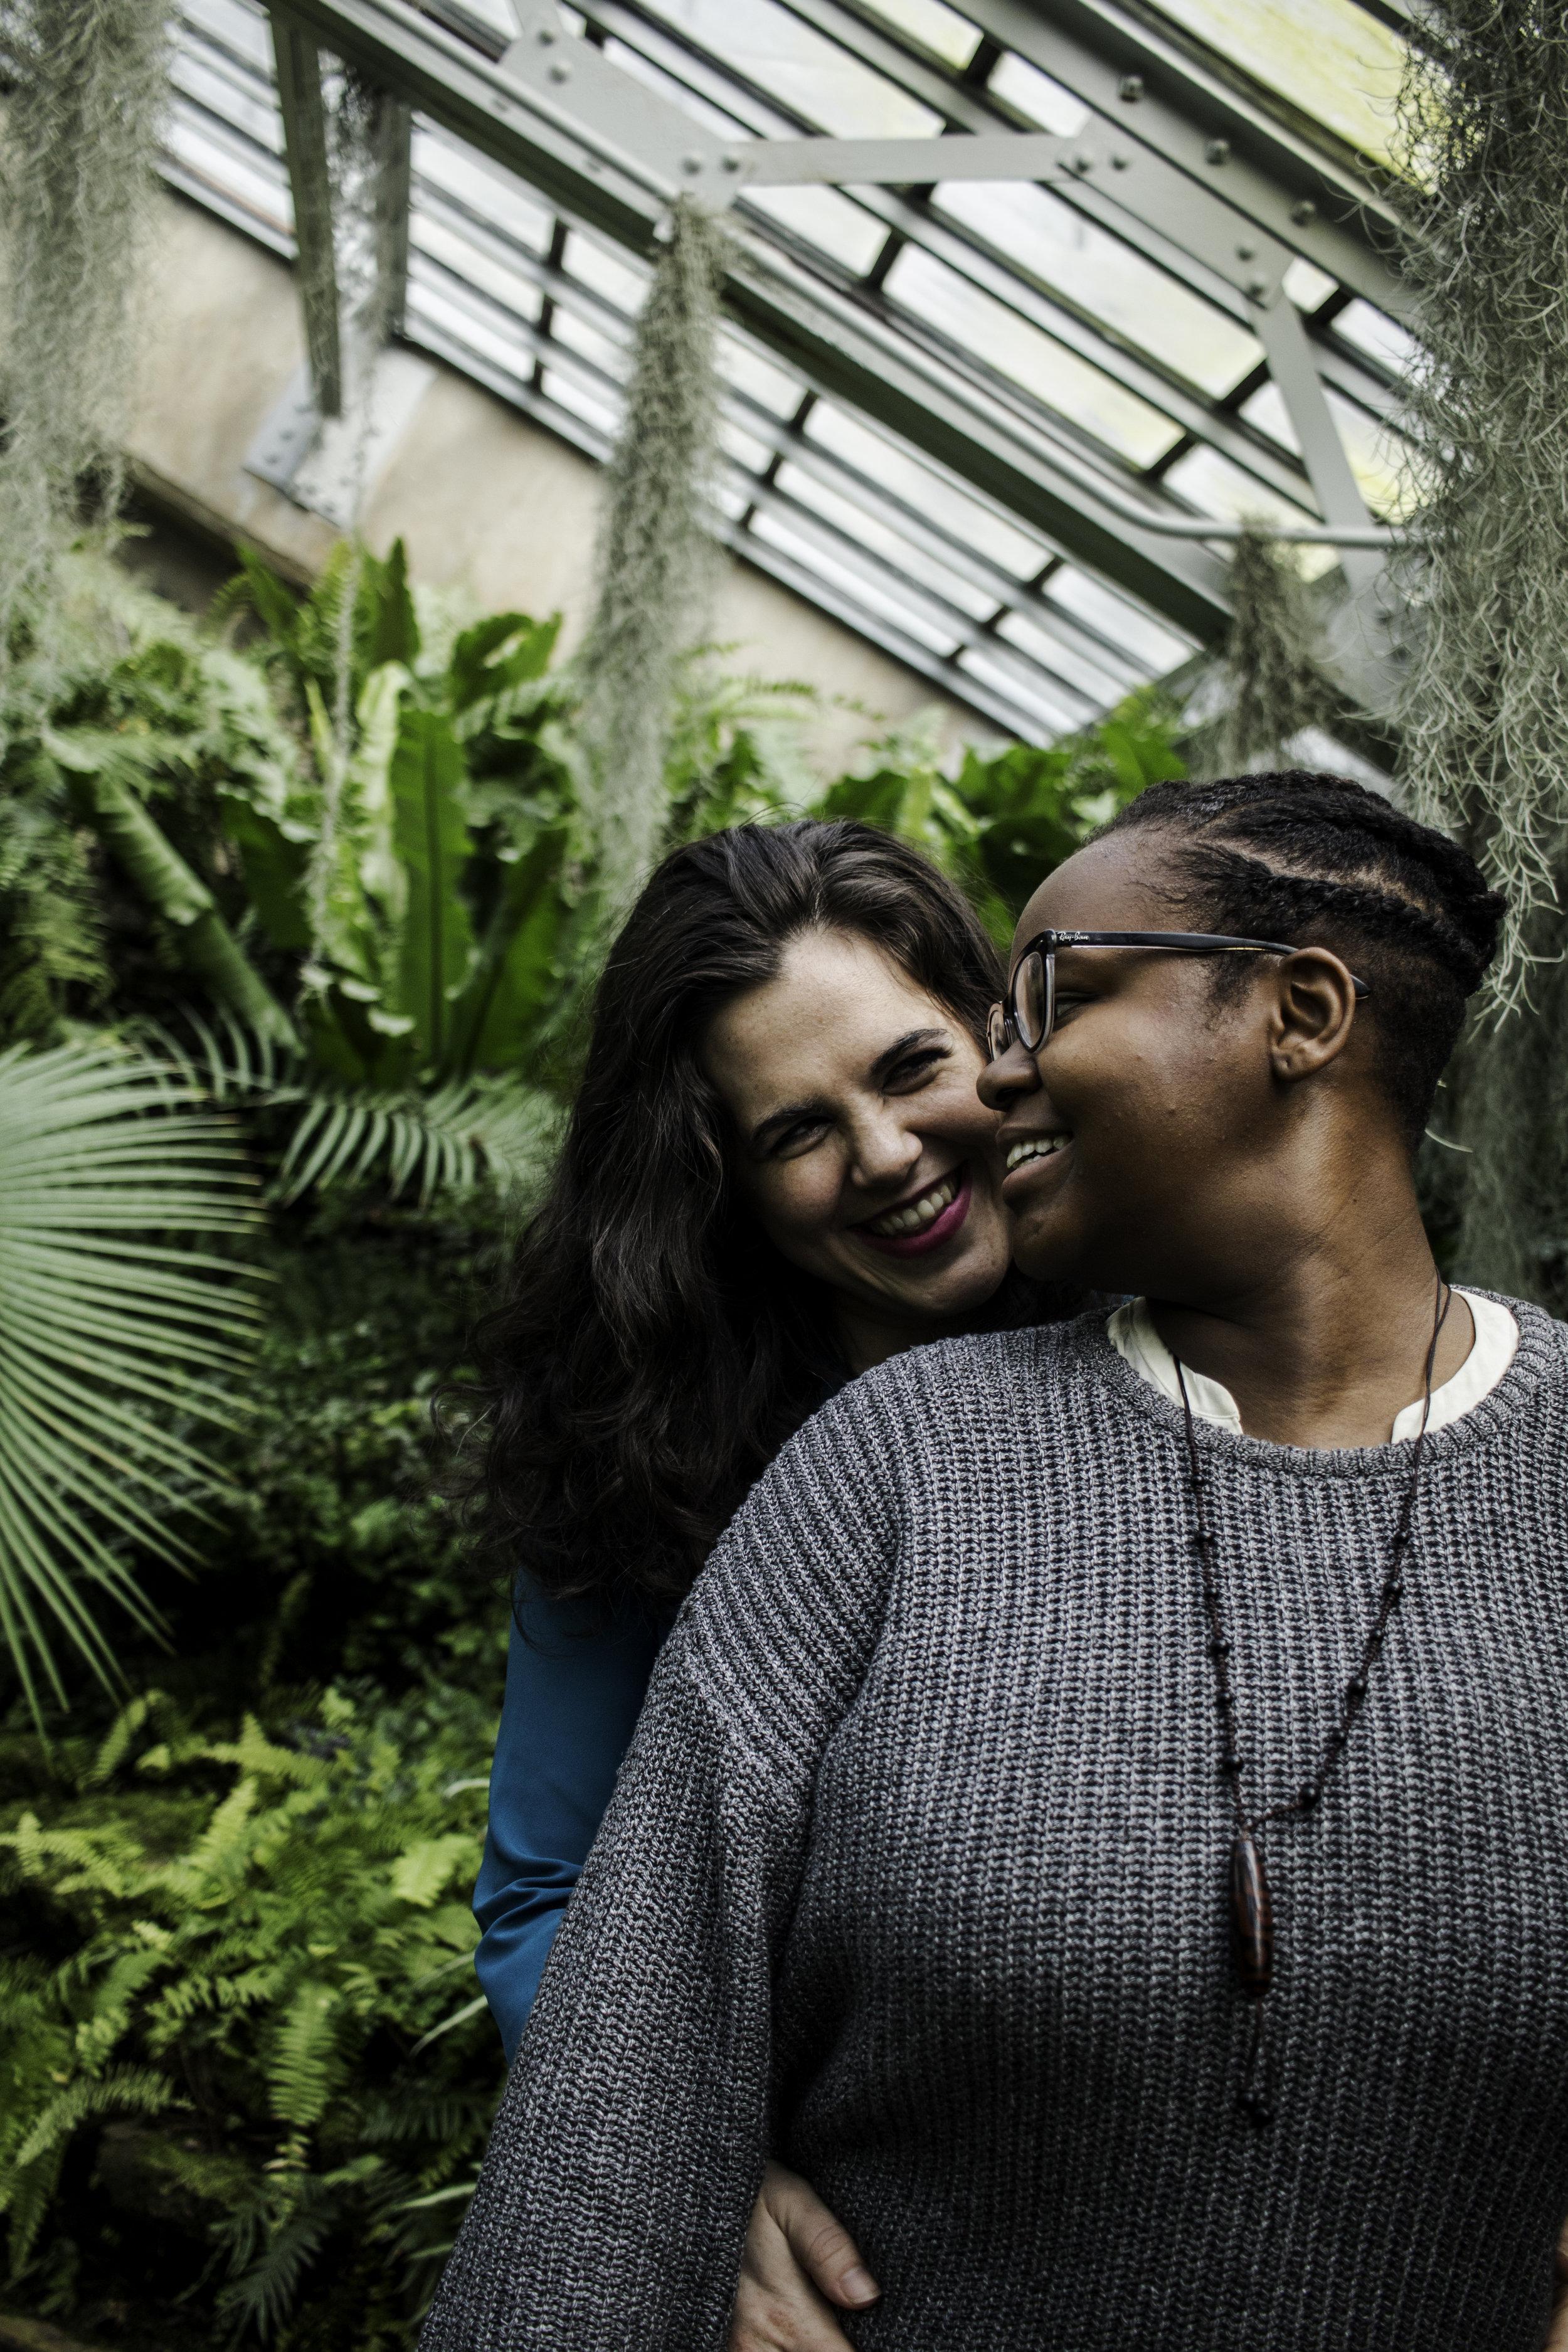 Studio Mosley Greenhouse Lesbian Engagement